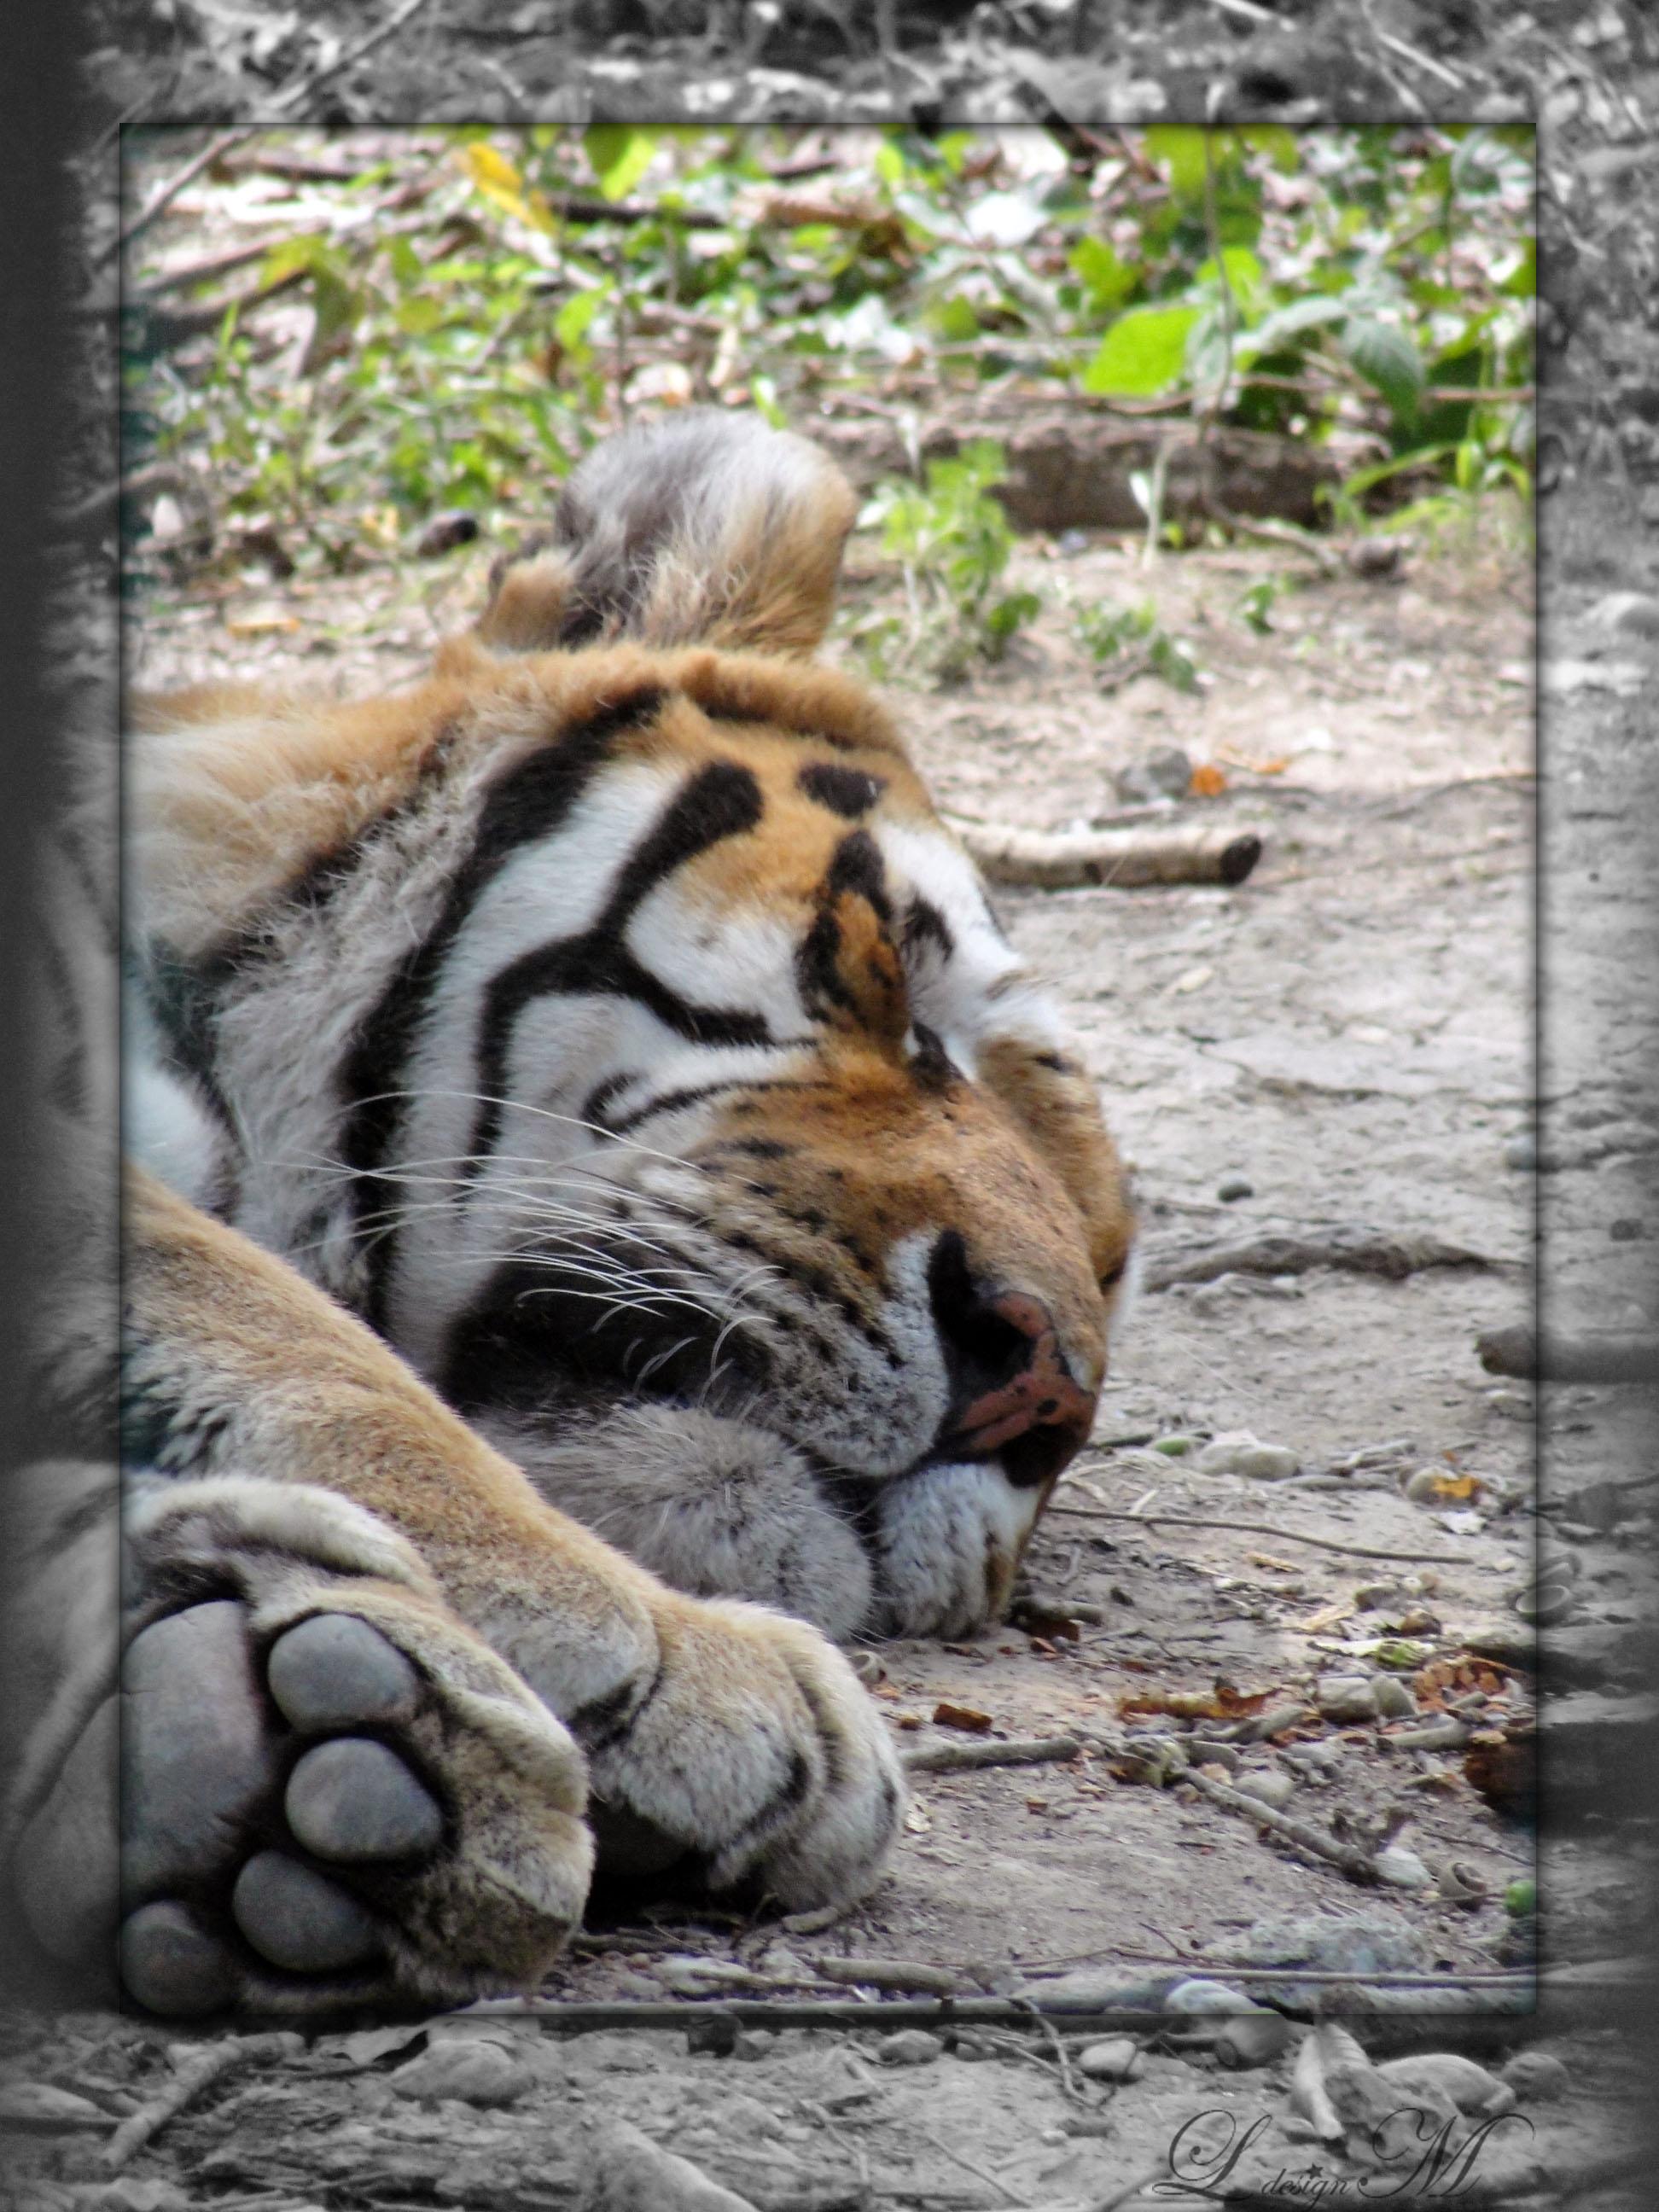 gradina-zoologica-zoo-Sibiu-Romania-in-imagini-poze-leu-lion-tigru-animal-wild-salbatic-i-want-o-sleep-vreau-sa-dorm-somn